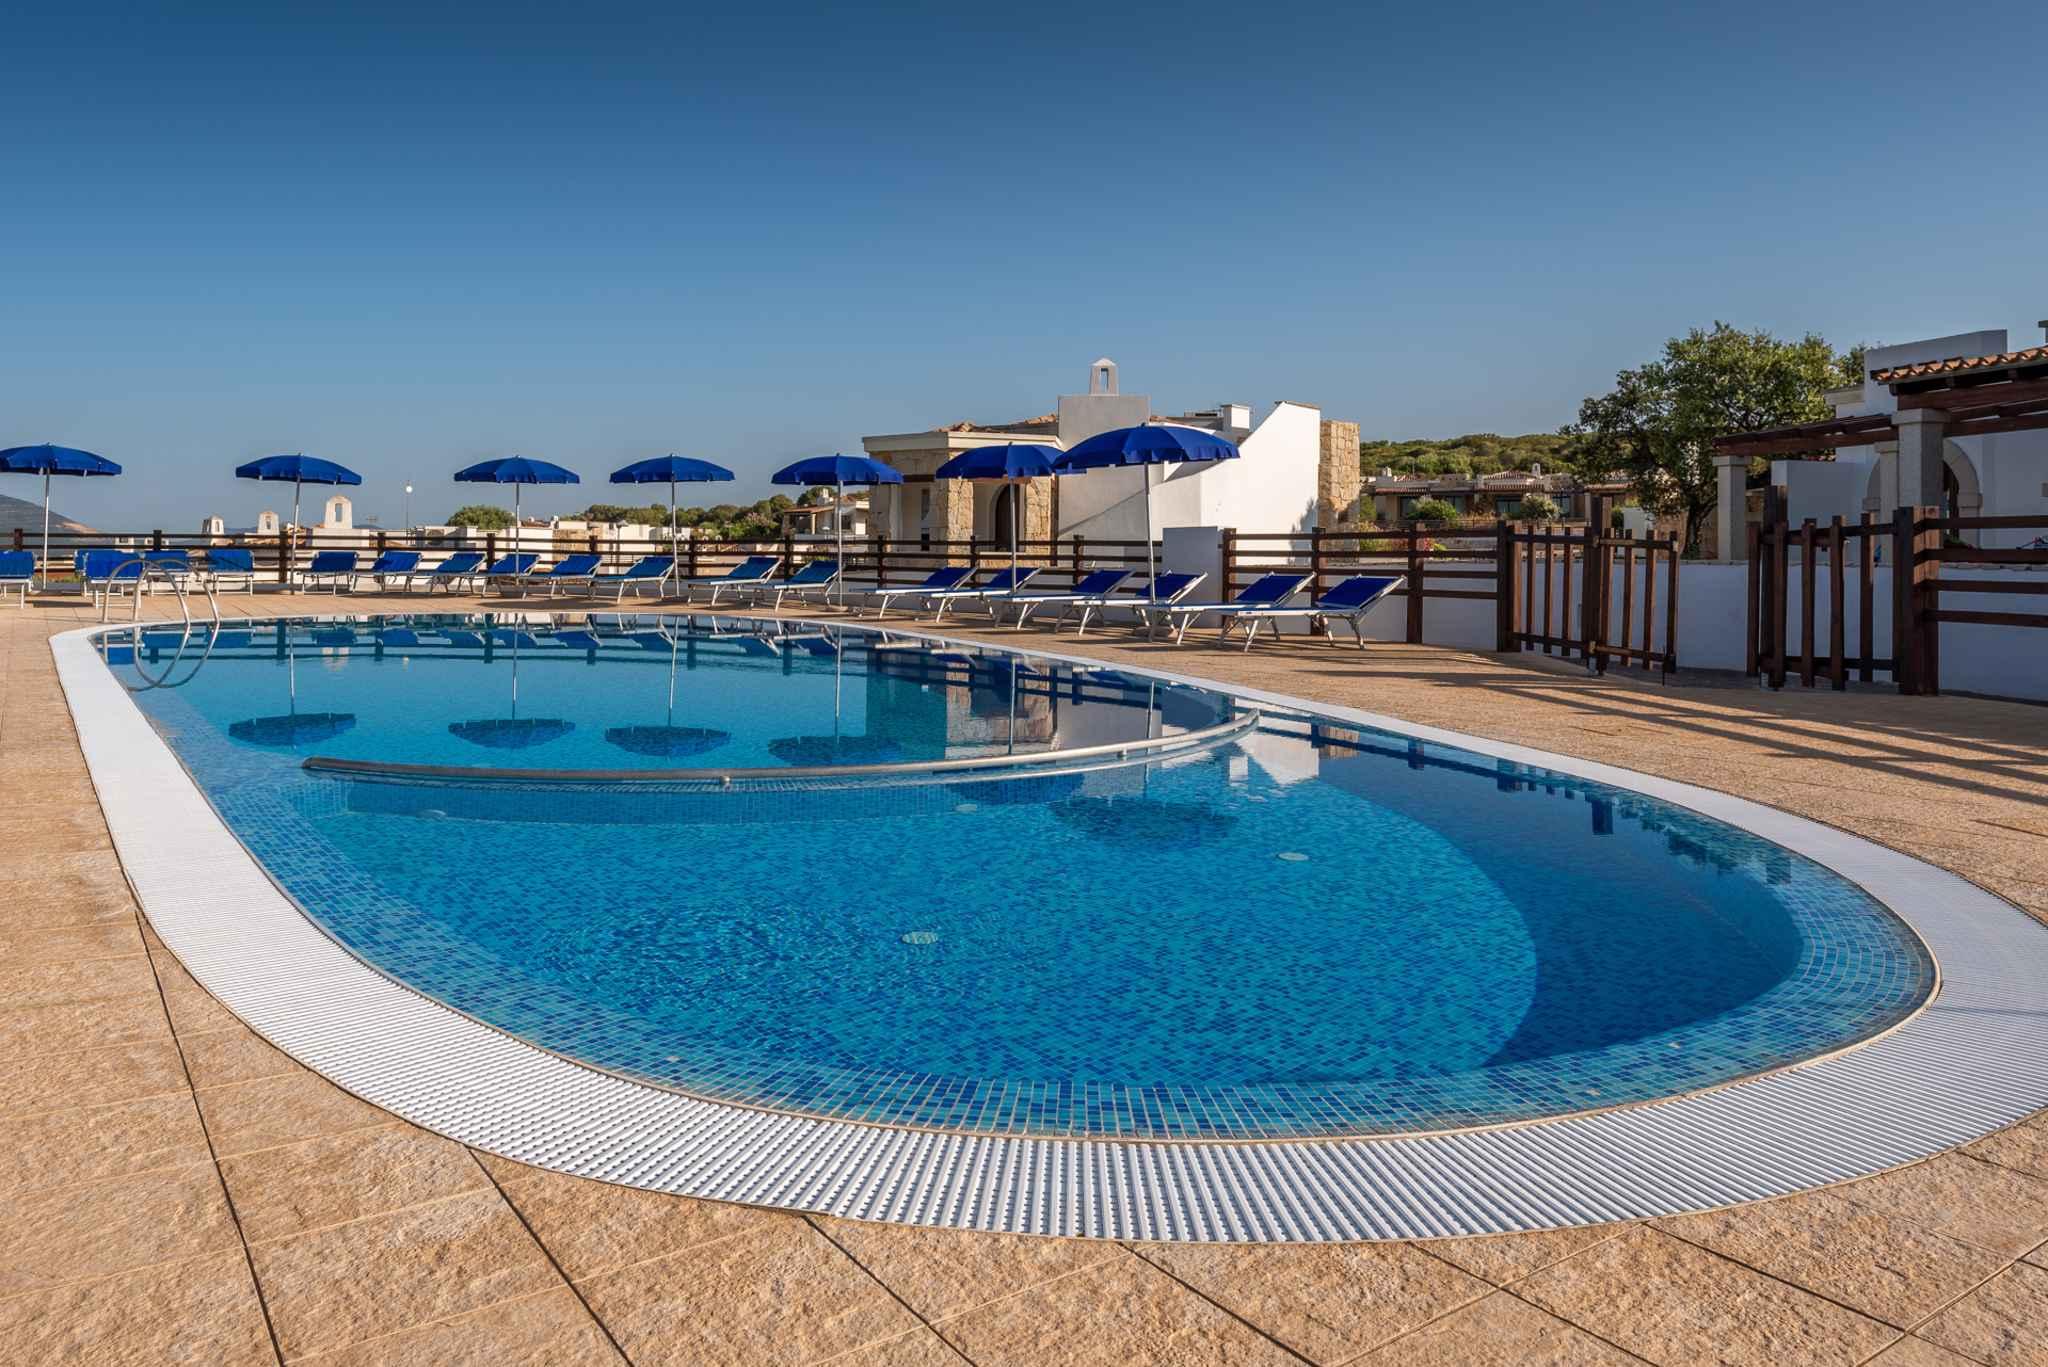 Ferienhaus mit KLimaanlage (2182426), Alghero, Sassari, Sardinien, Italien, Bild 9